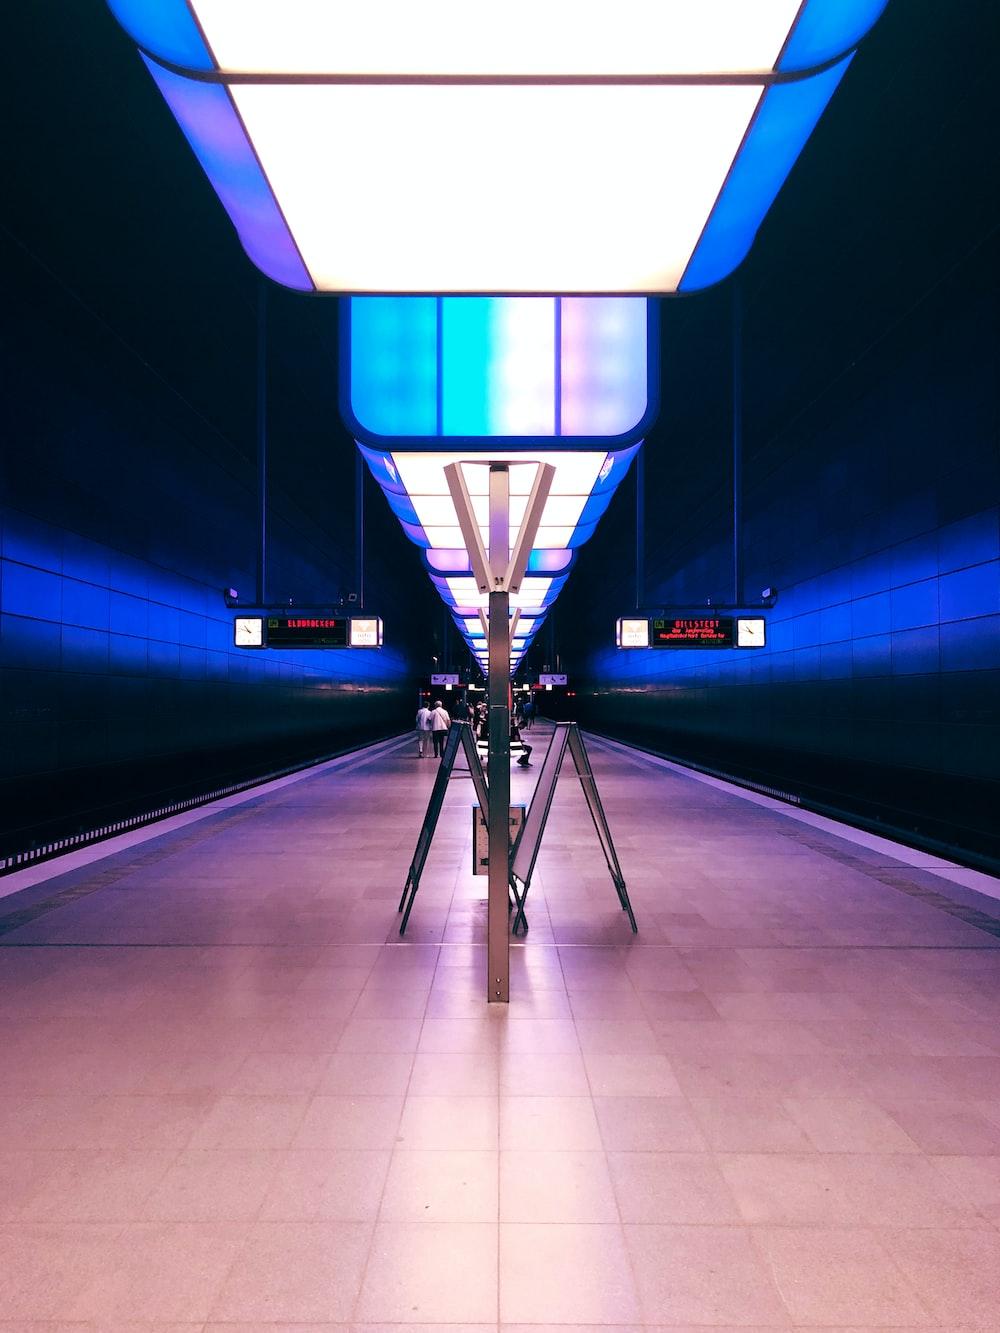 blue lighted room